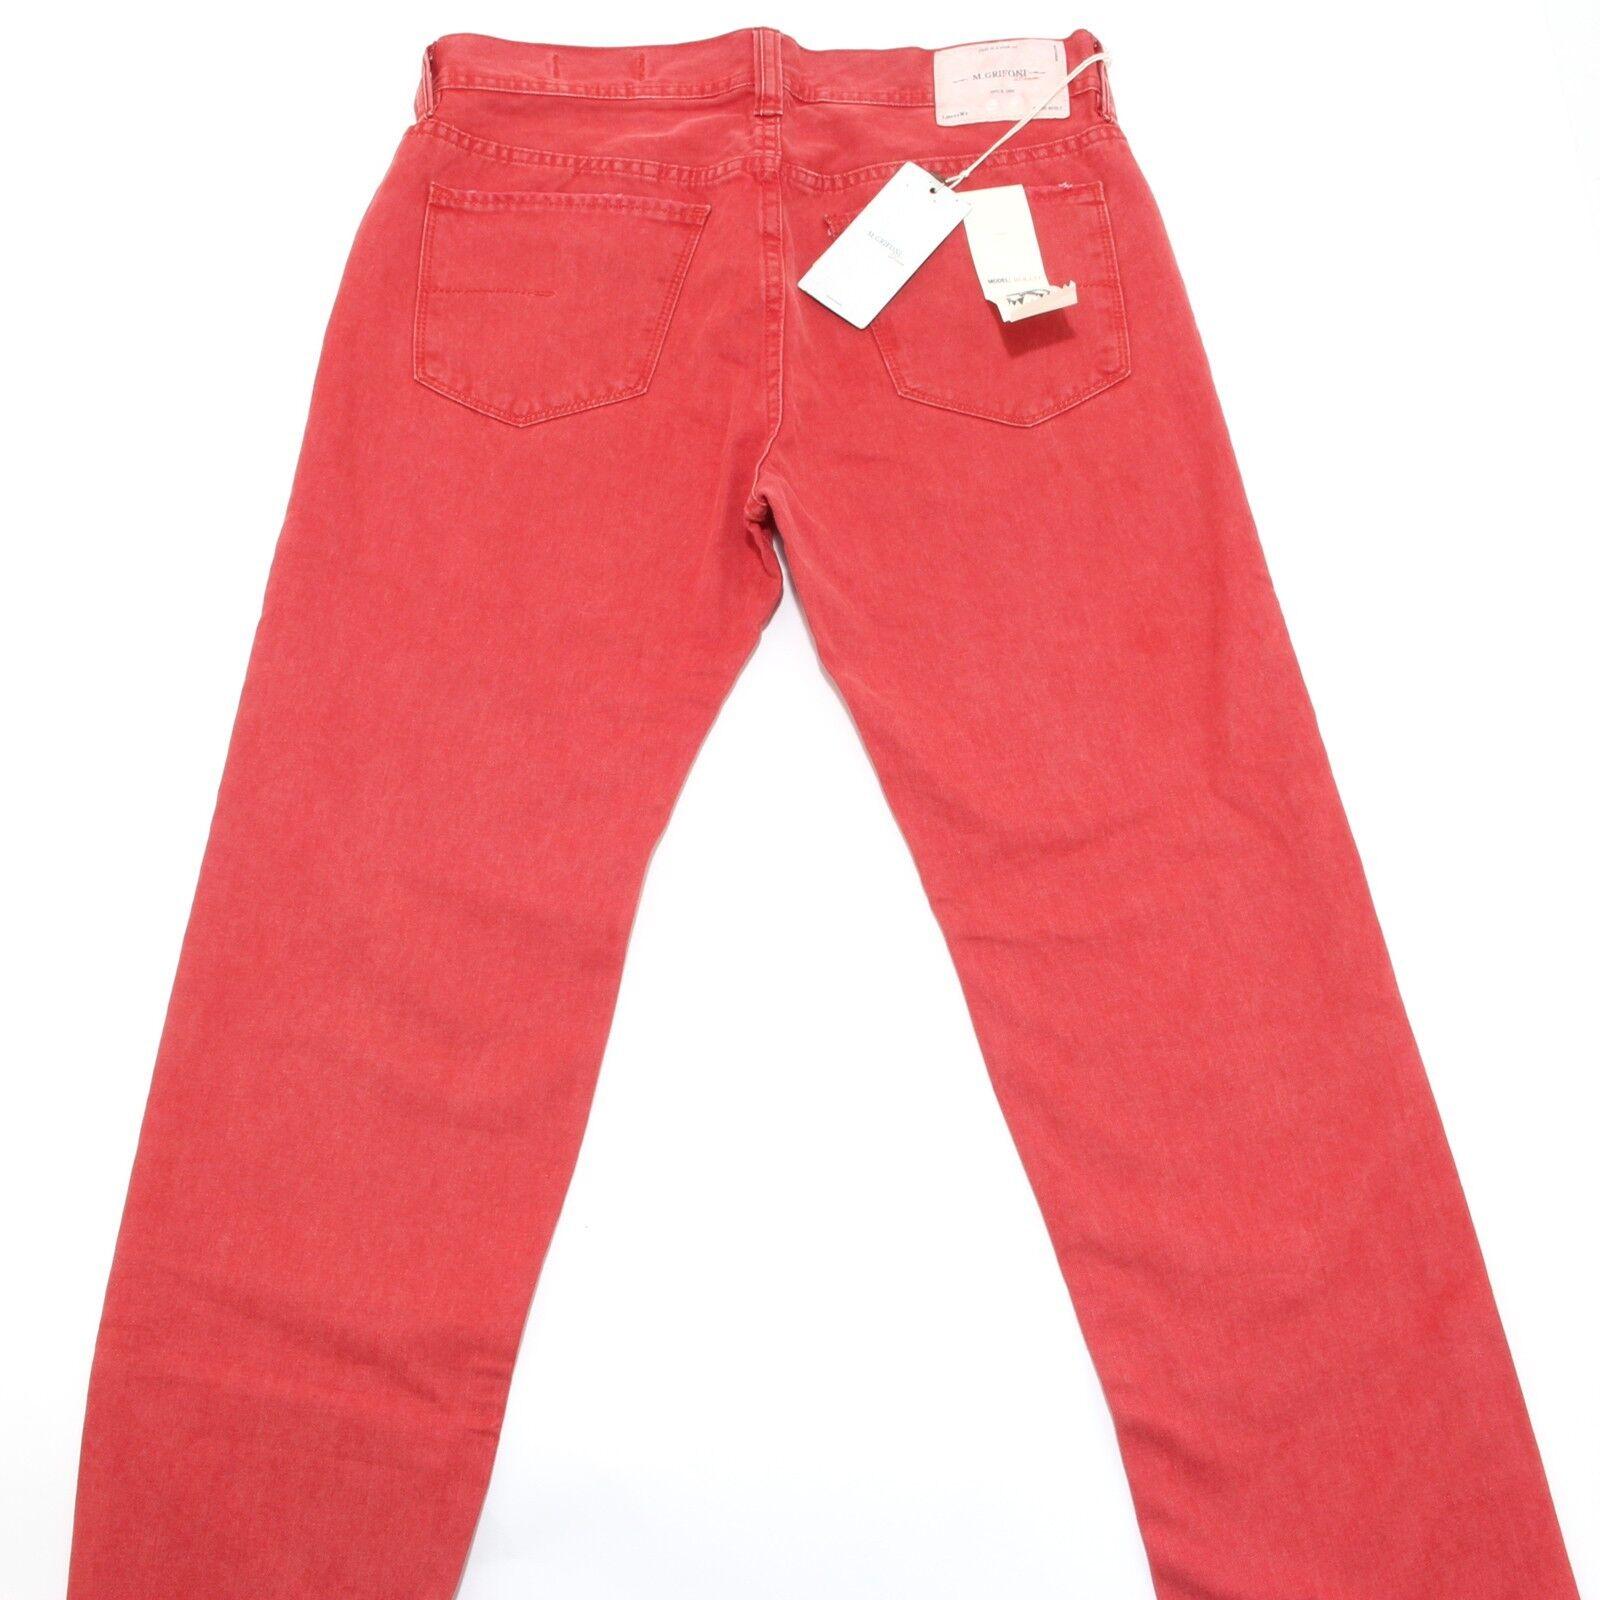 4255 4255 4255 jeans MAURO GRIFONI uomo pants Uomo pant 2cf57c